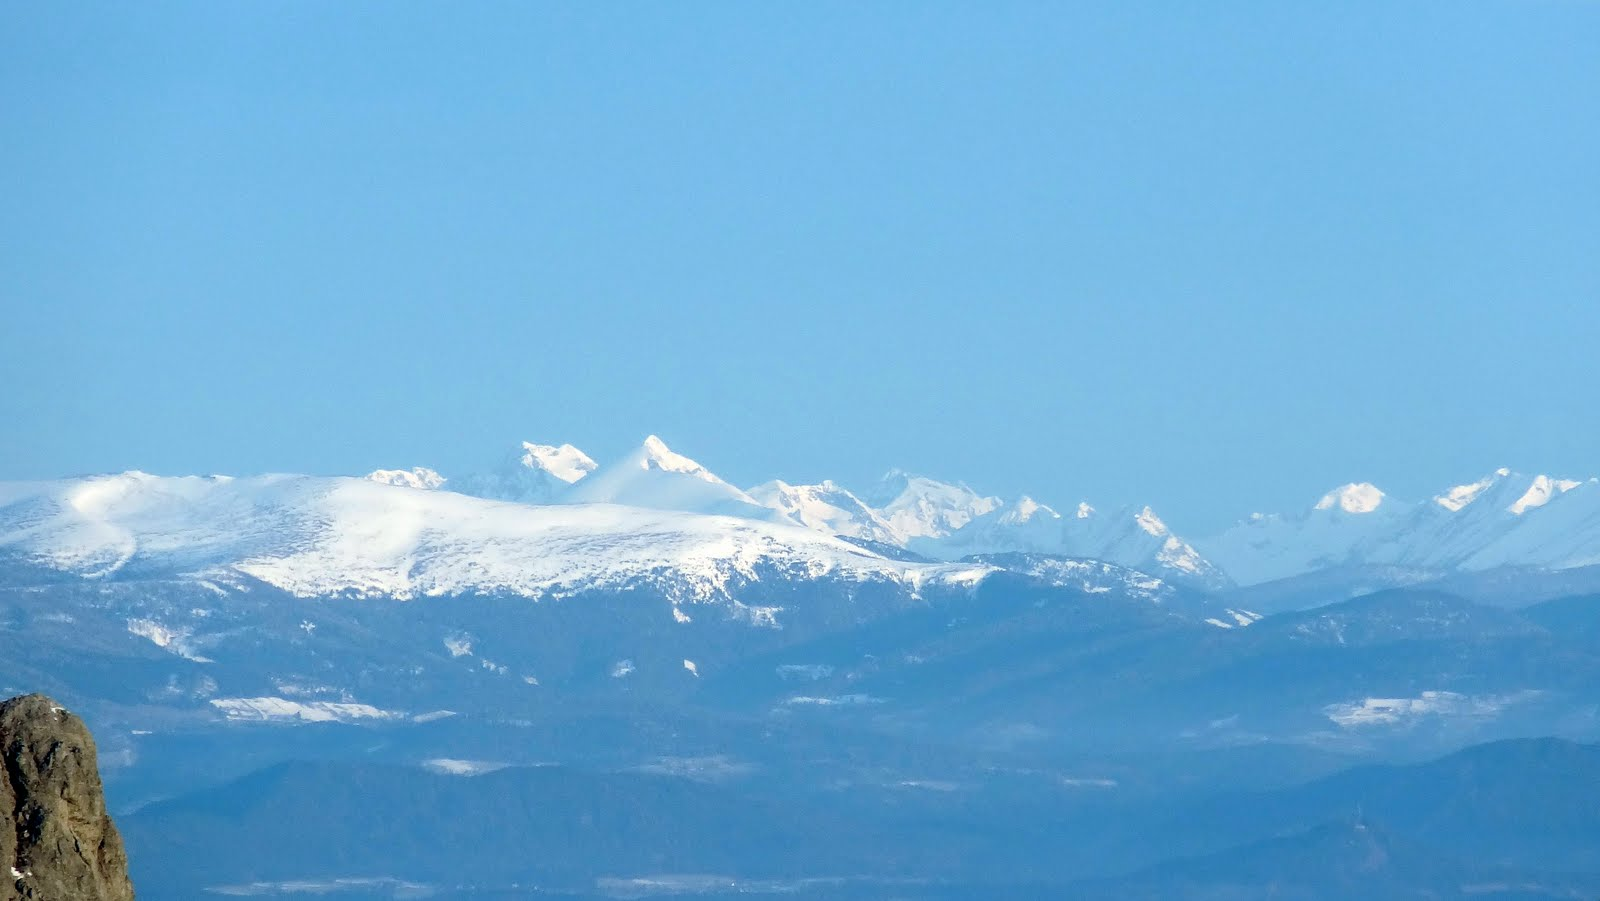 Nešto u A, možda Kaaerntner Alpen ili čak vjerojatnije Niedere Tauern